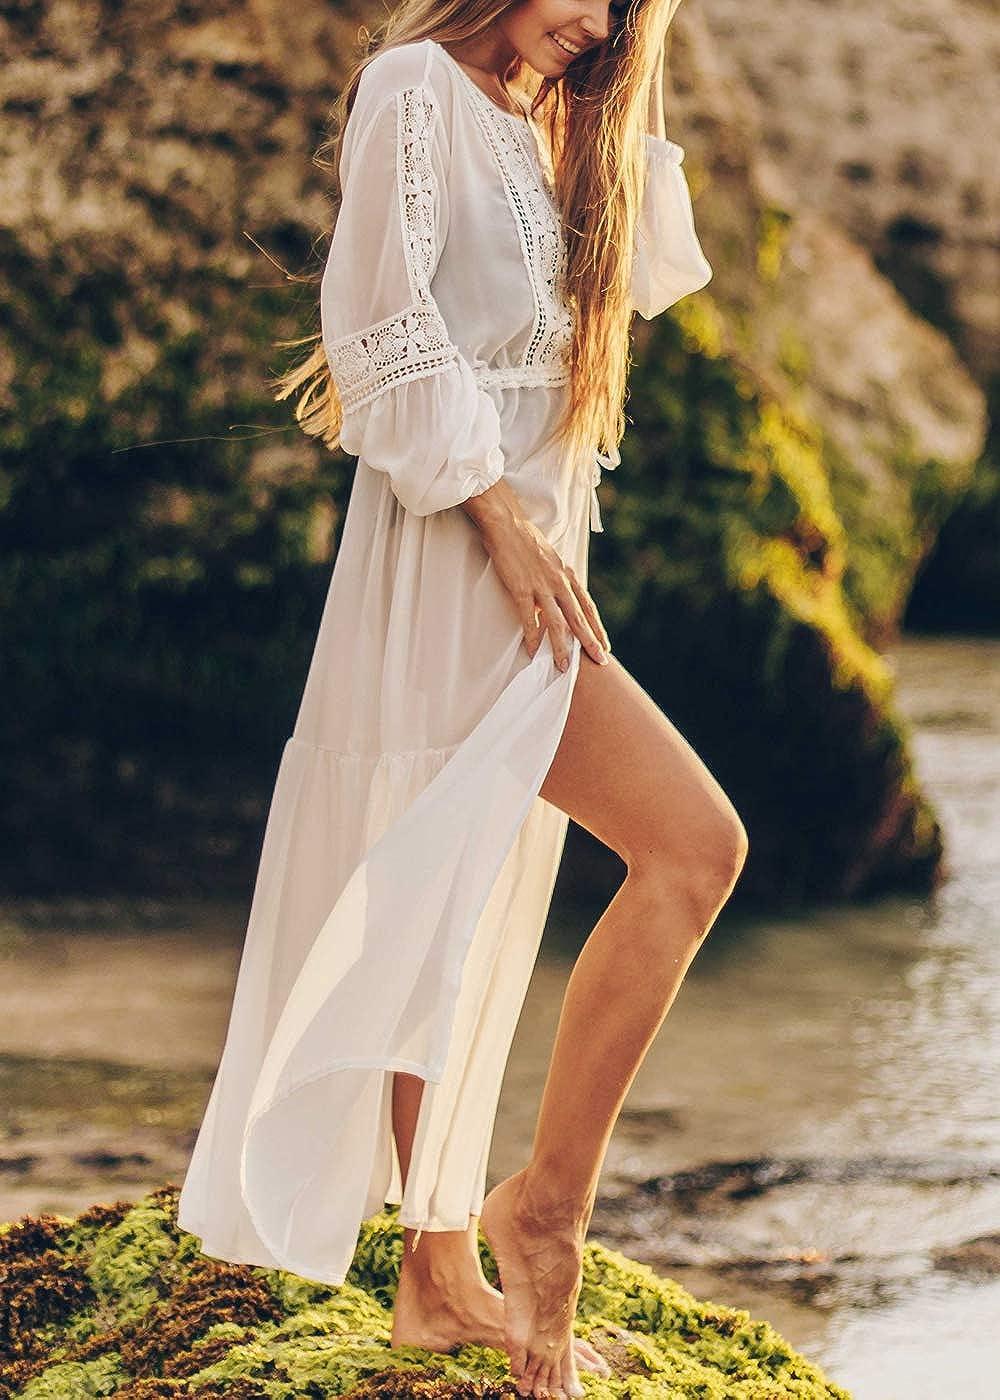 AiJump Donna Chiffon Boh/émien Caftan Vestito Lungo da Spiaggia Abito Maxi Parei Costume da Bagno Cover Up